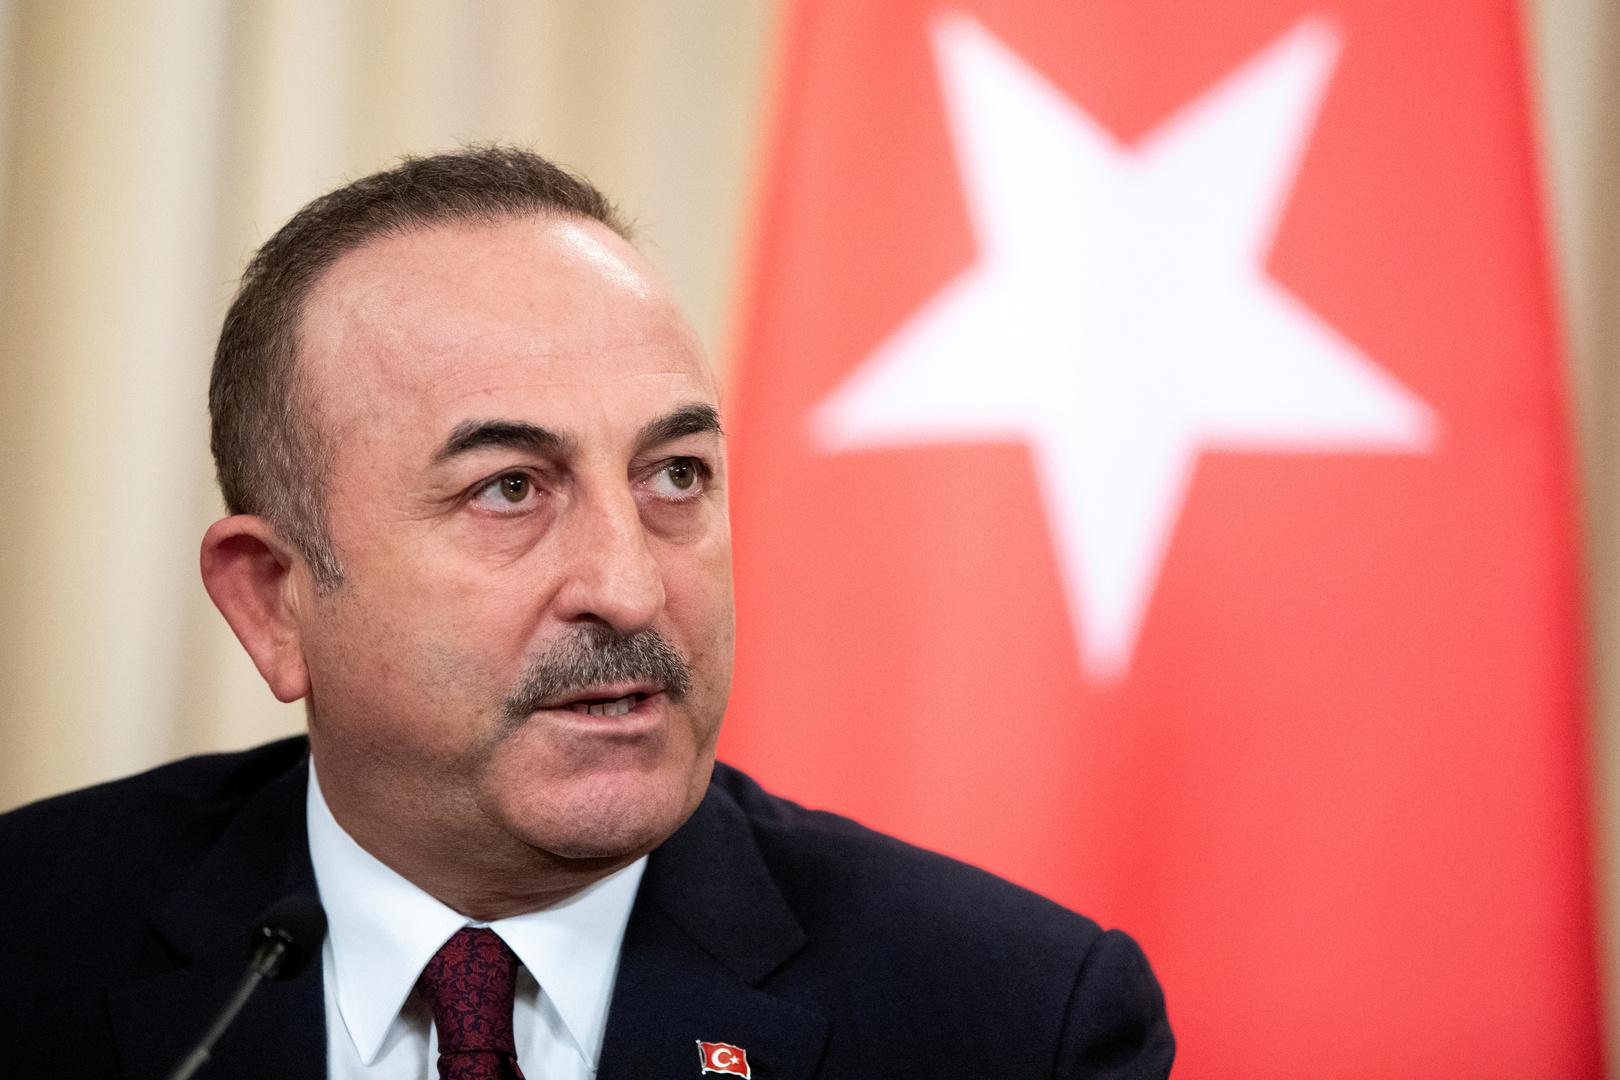 تركيا: اليونان تراجعت عن موافقتها على إطلاق حوار معنا وفرنسا الدولة الأكثر تحريضا لها